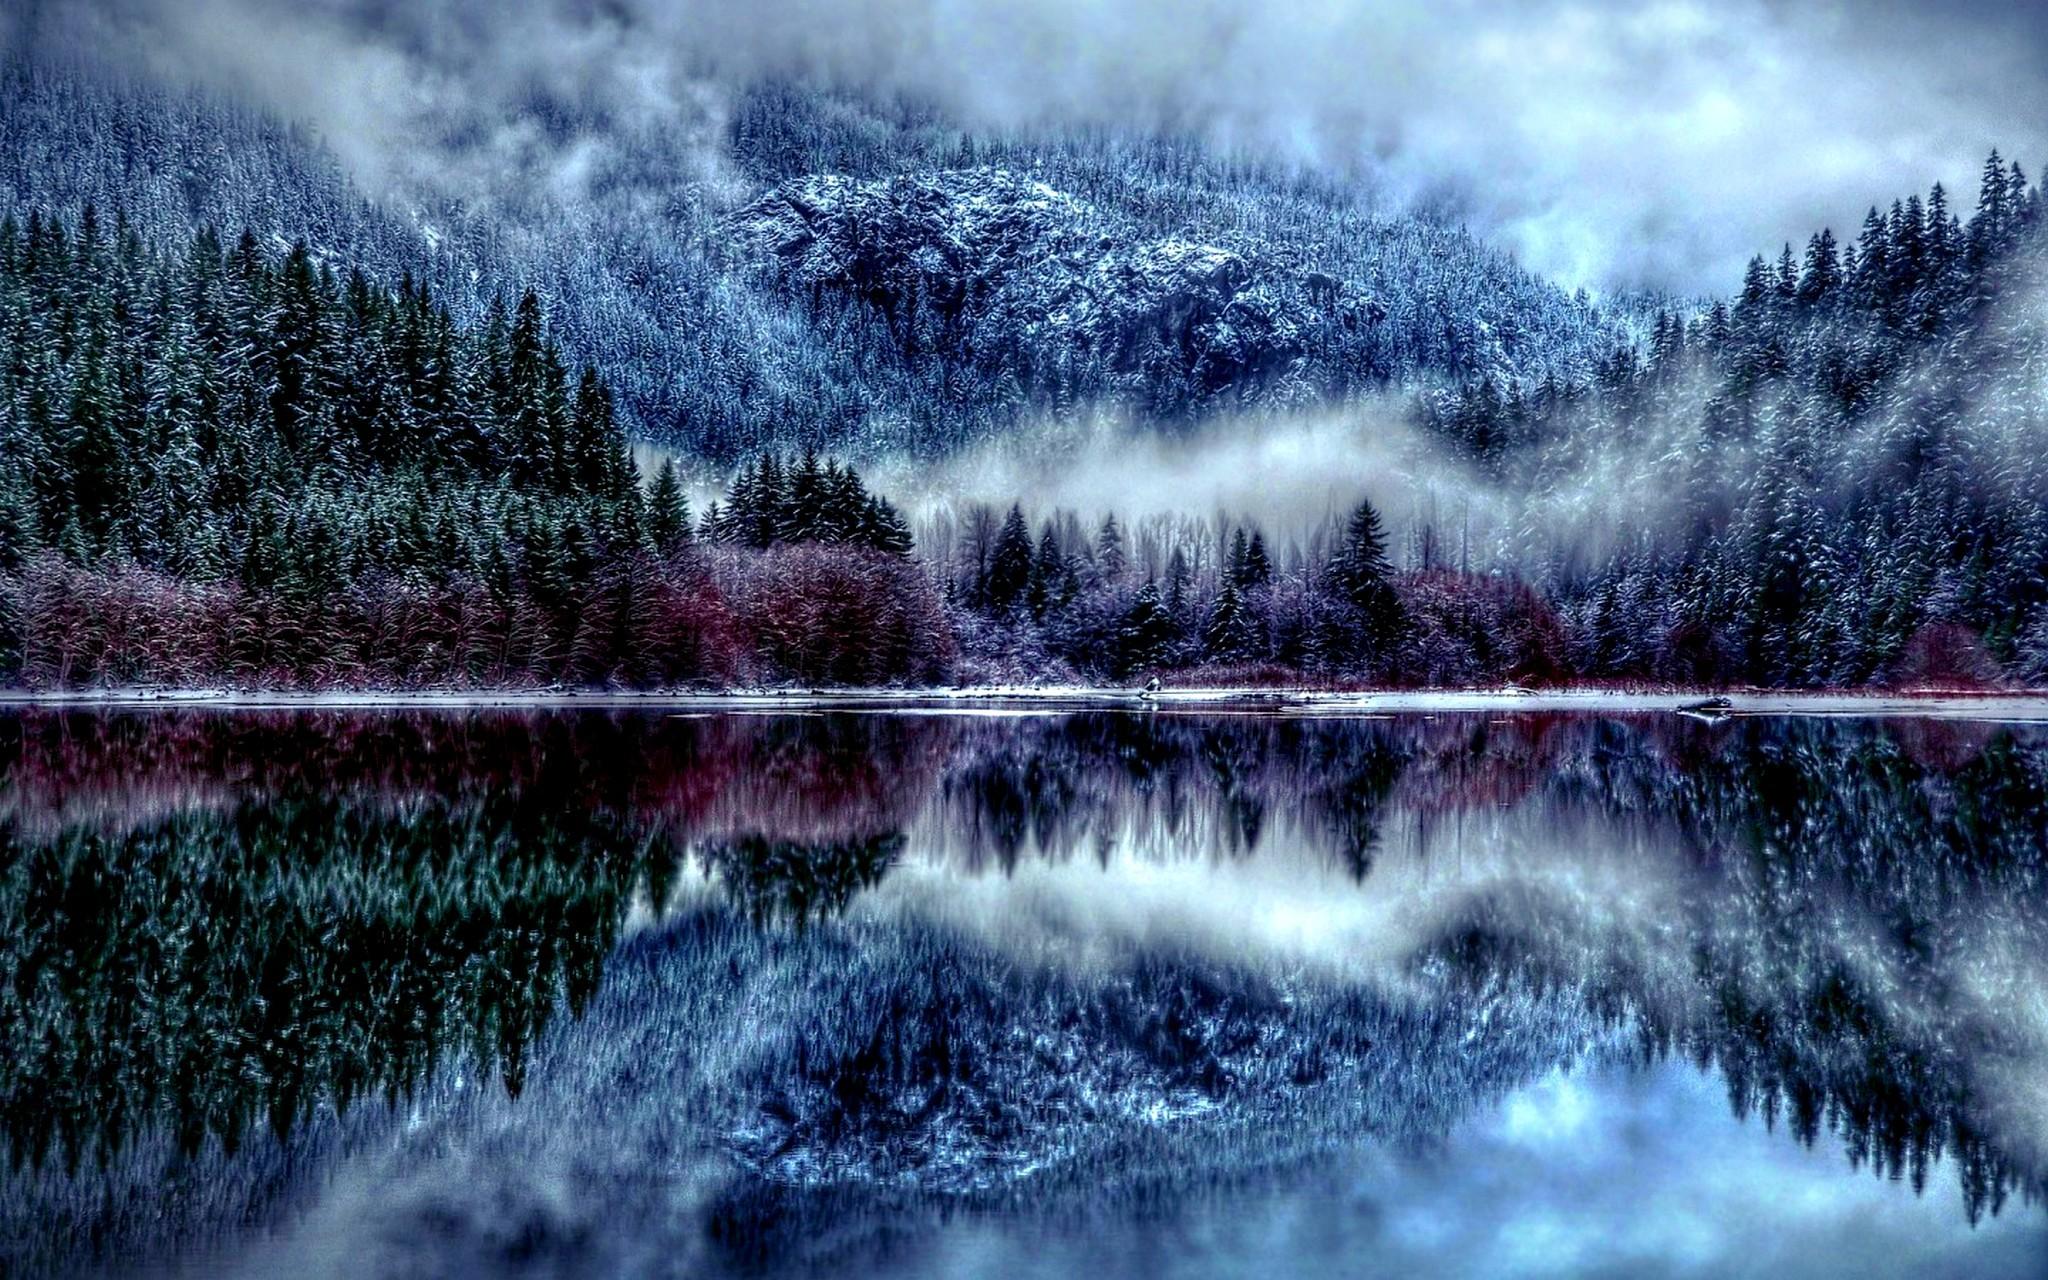 Nature HD Desktop Wallpaper Winter Forest